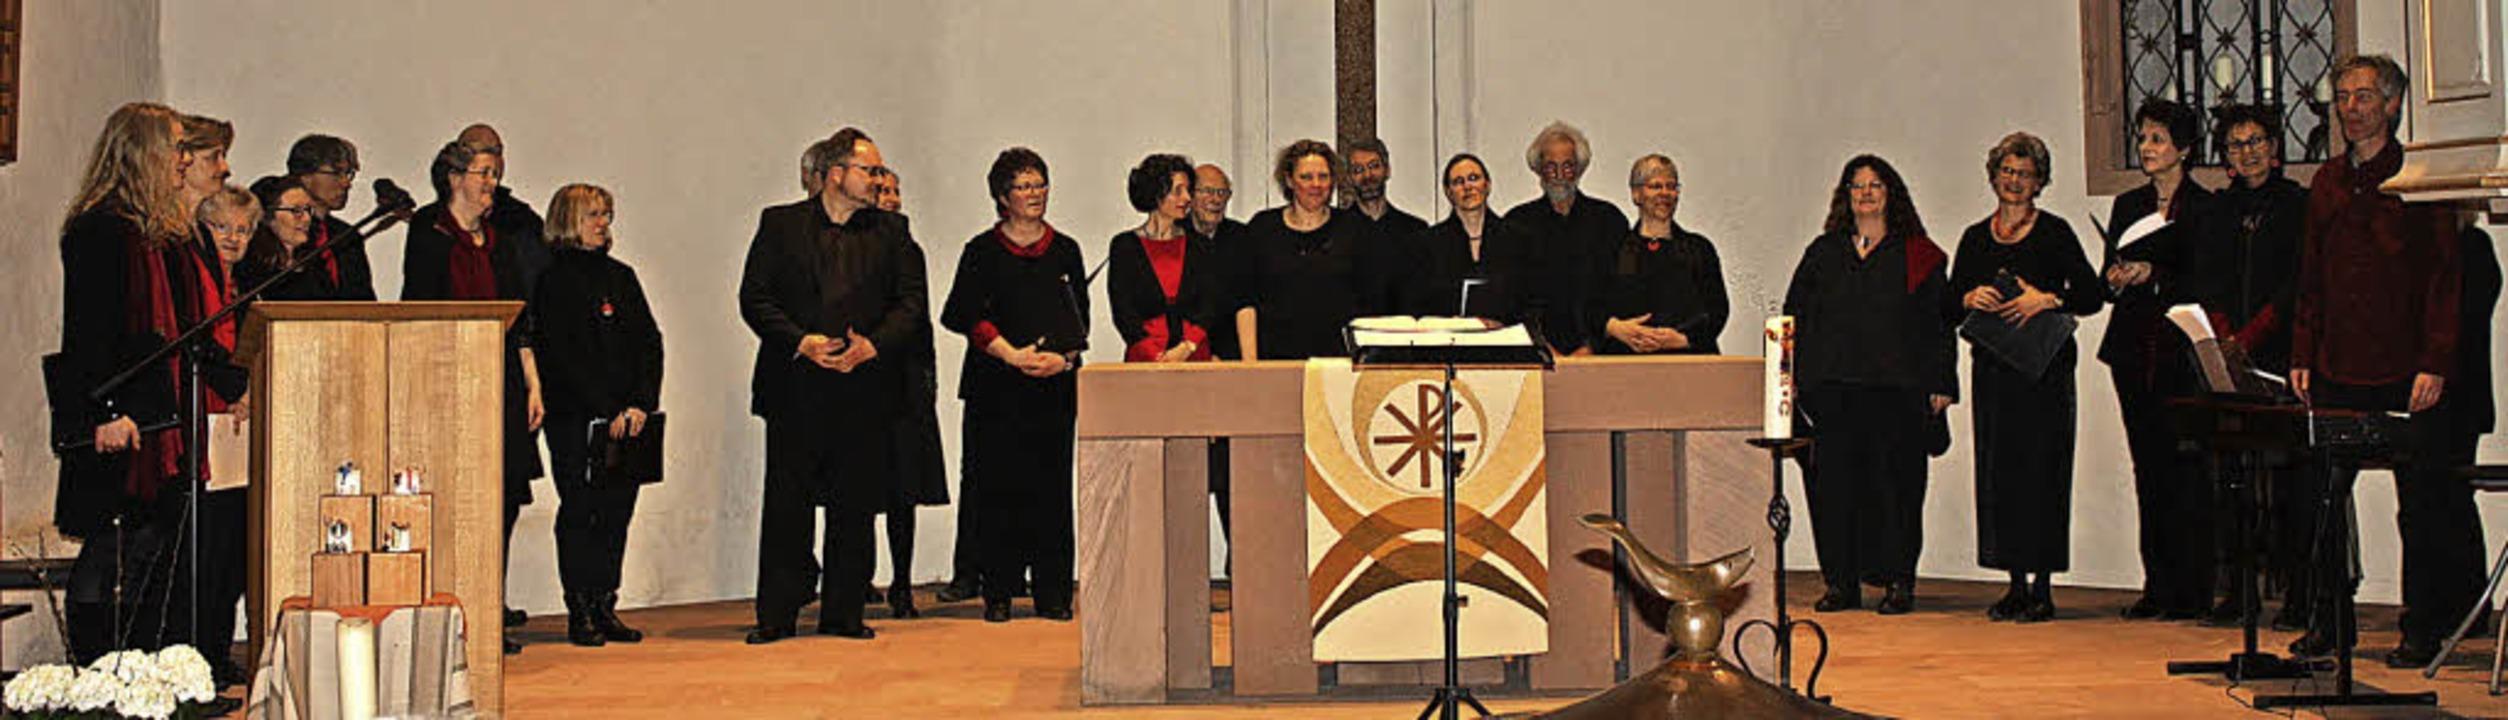 Der Bezirkschor Cantate Dekanate bei s... Auftritt in der Bergkirche in Nimburg    Foto: Hildegard Karig